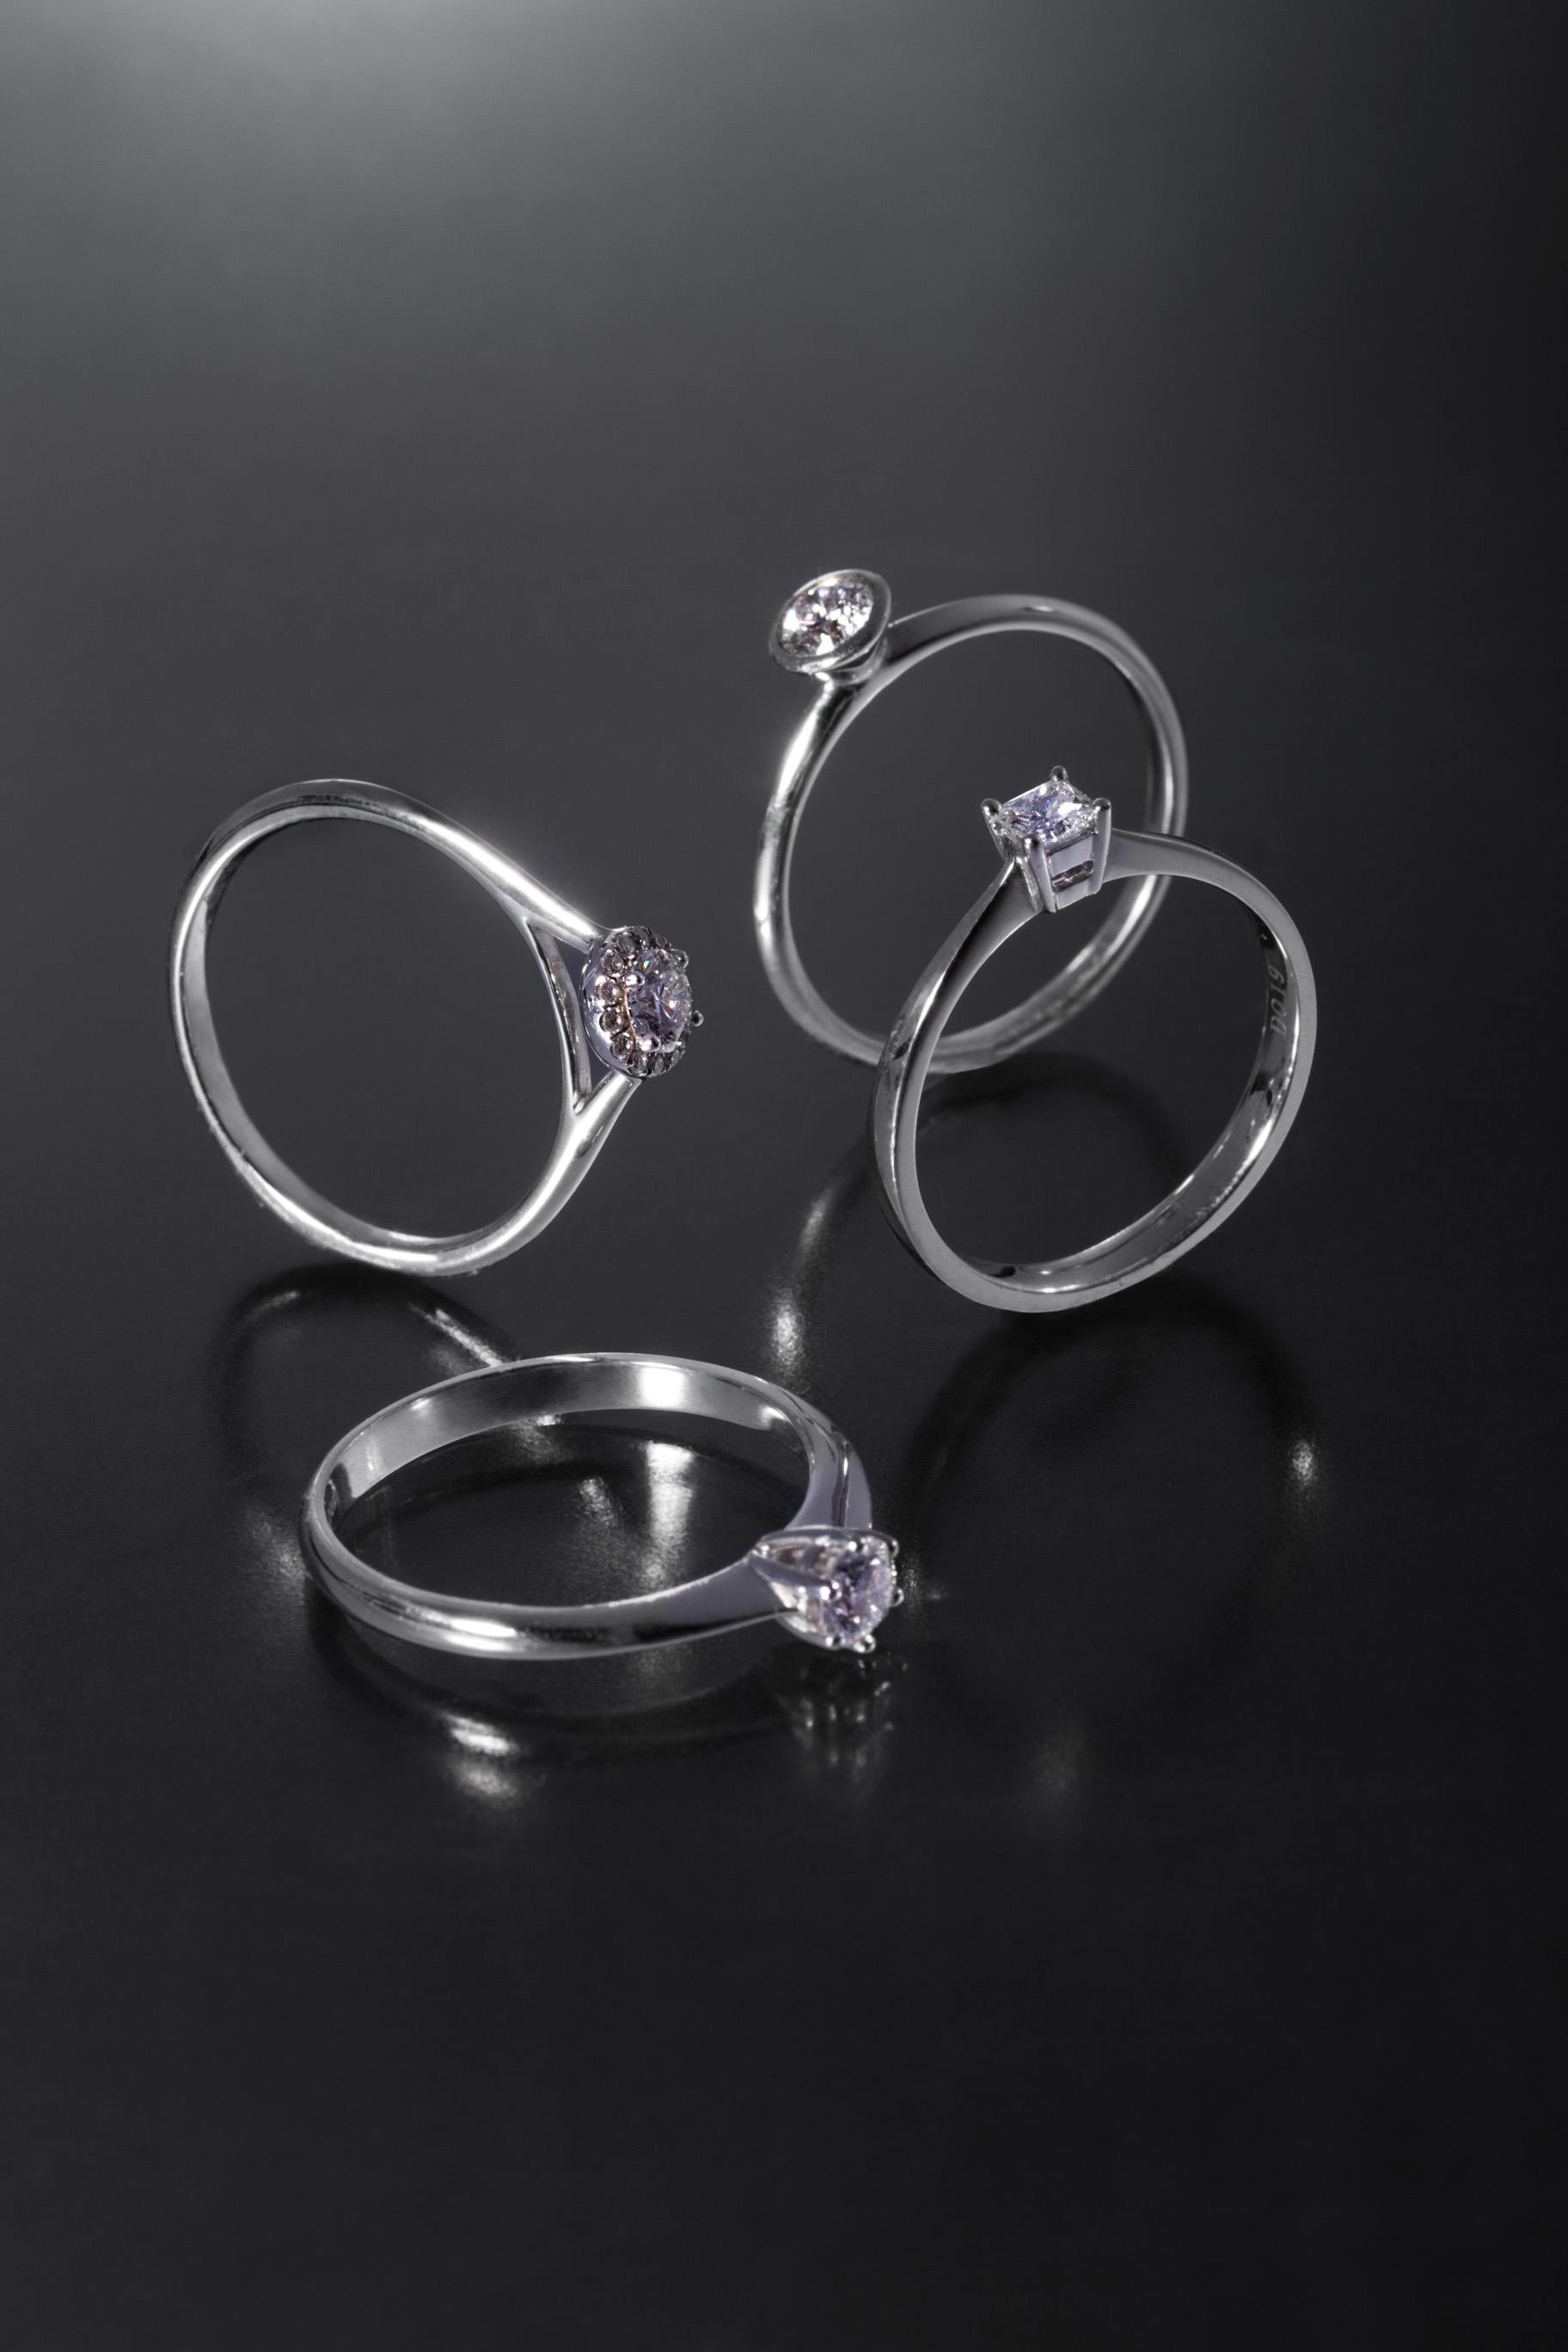 Solitär-Ringe mit Brillant und Prinzess cut